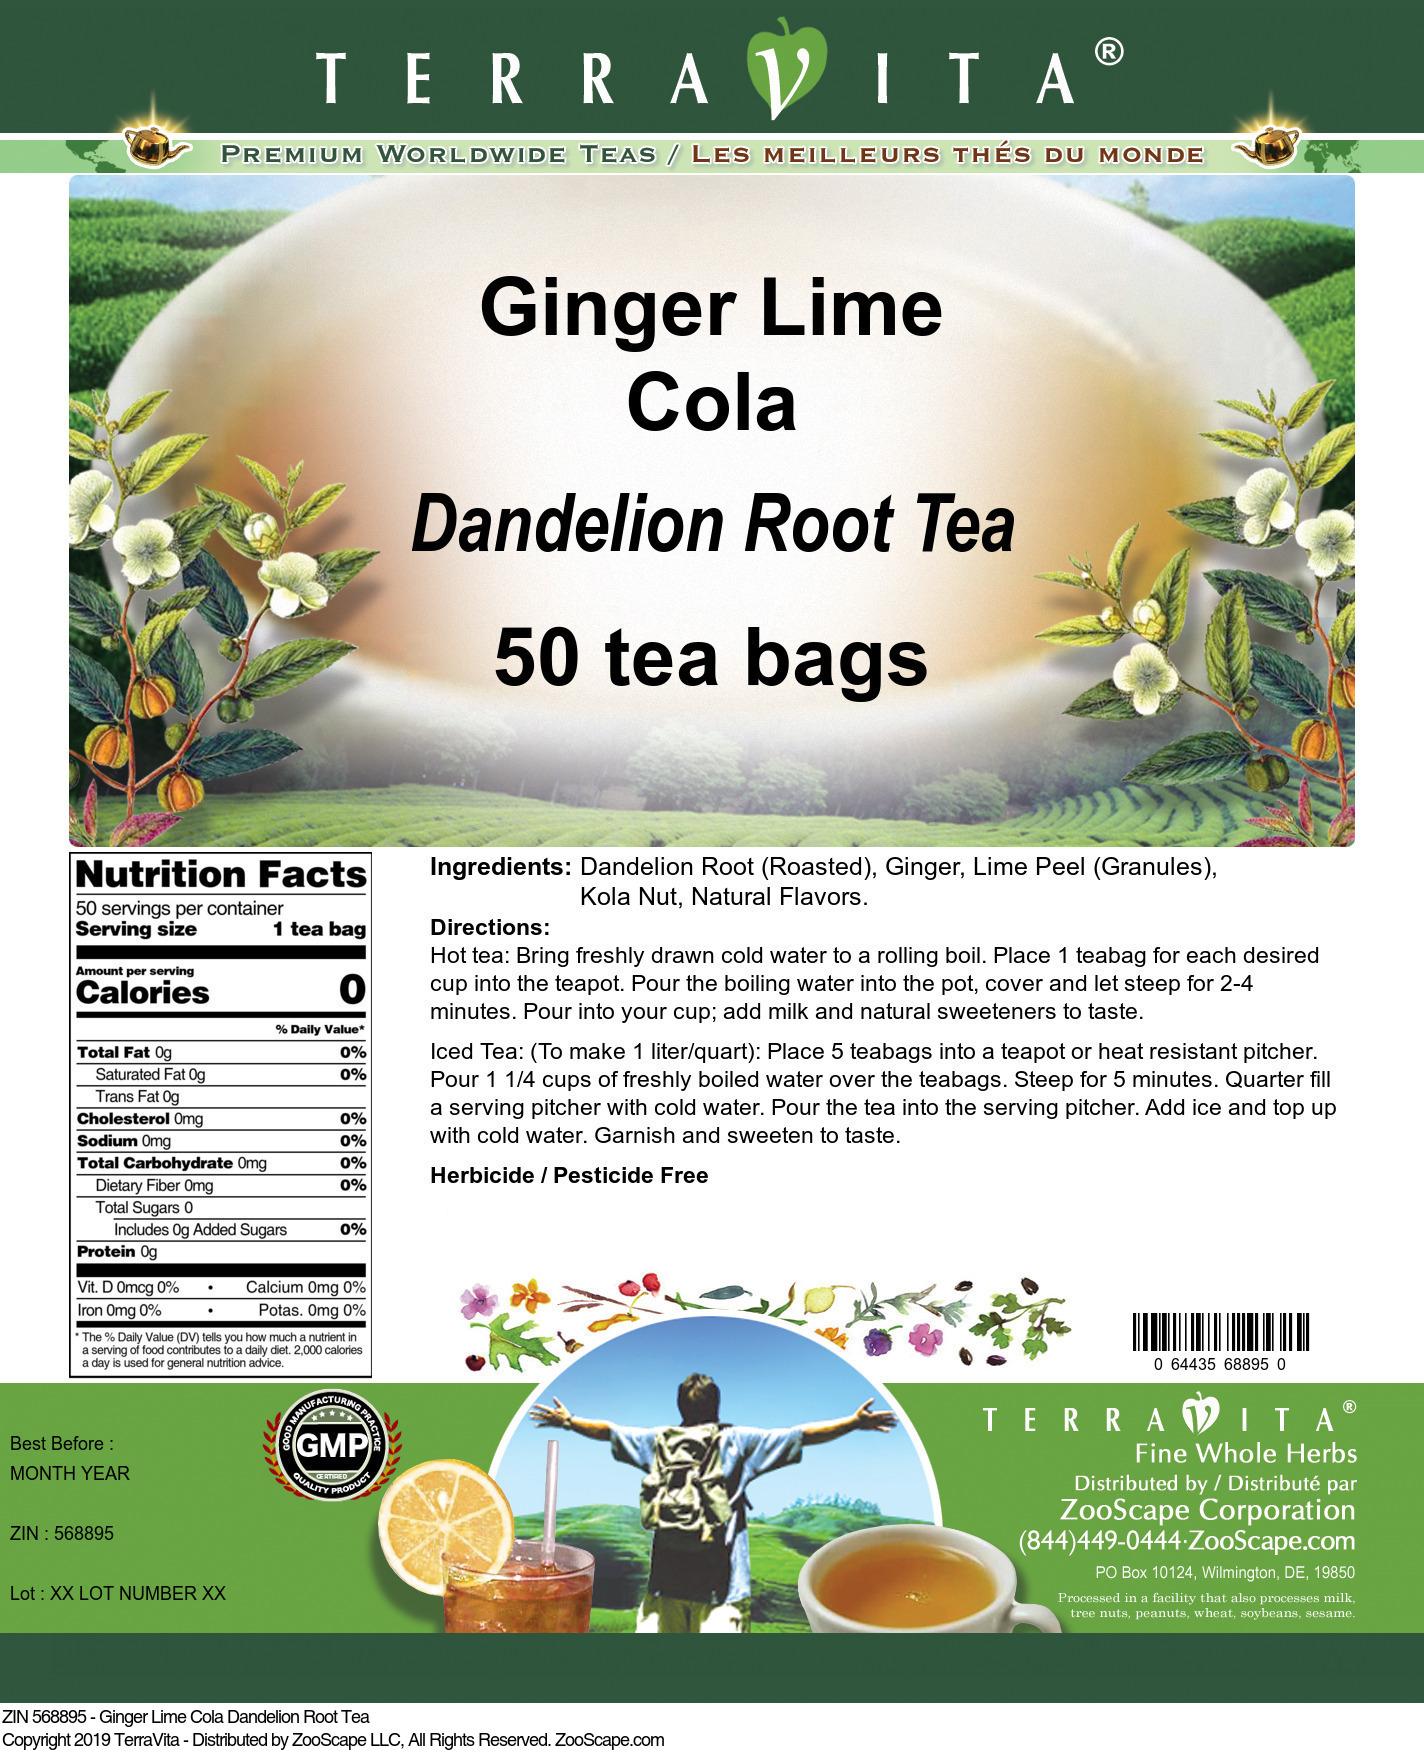 Ginger Lime Cola Dandelion Root Tea